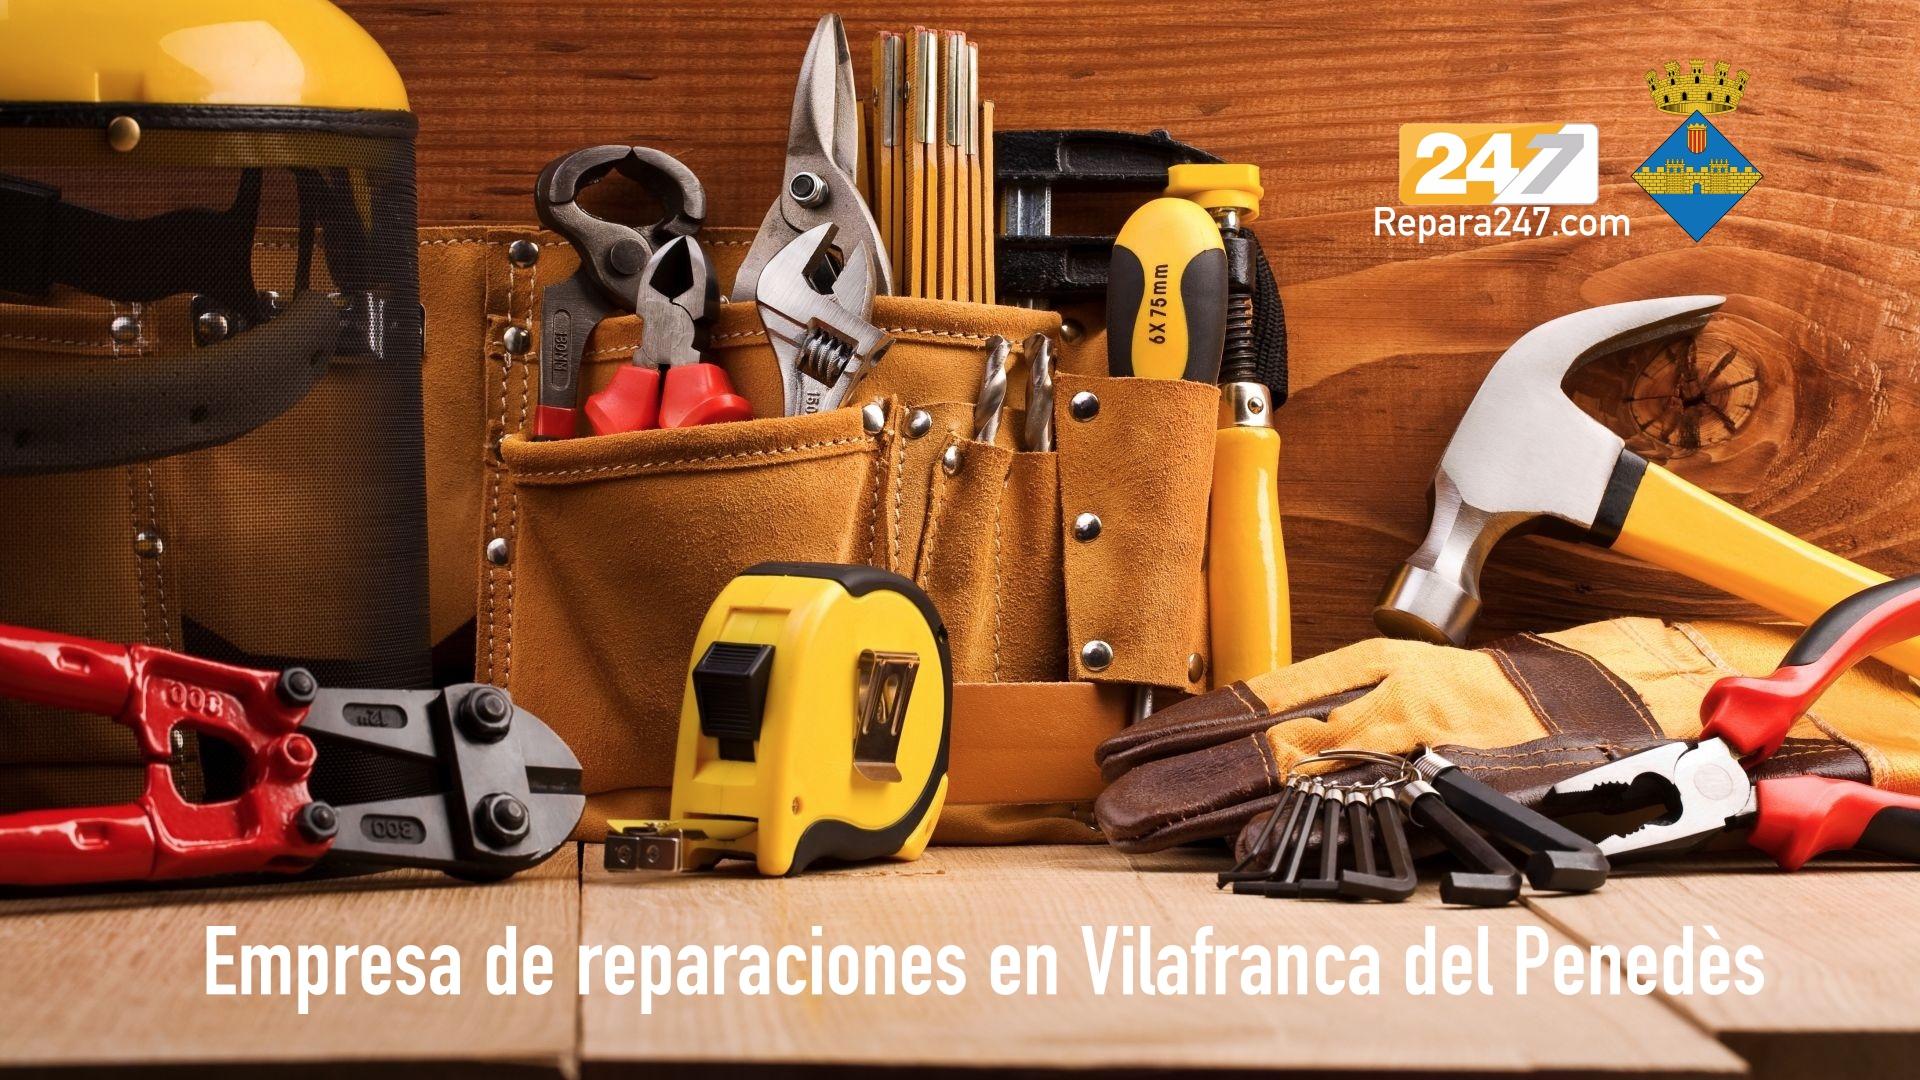 Empresa de reparaciones en Vilafranca del Penedès